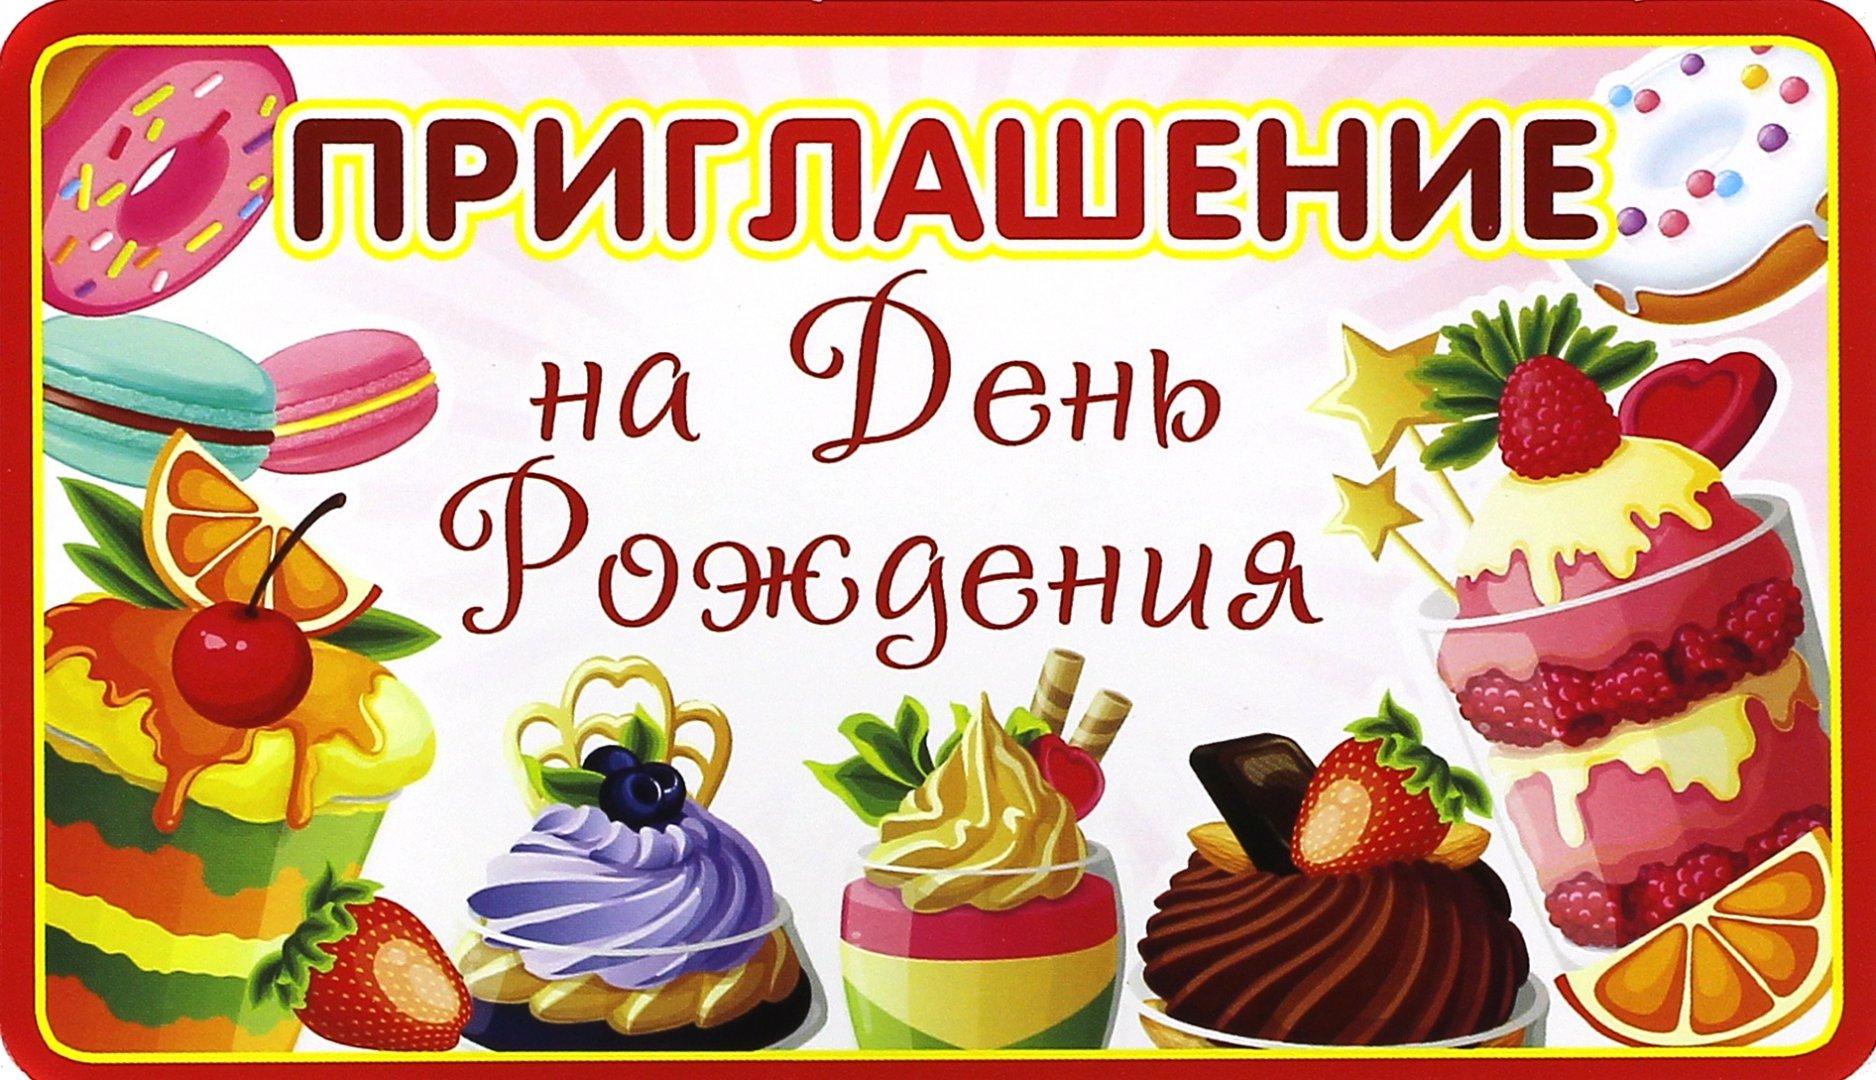 Открытка линии, пригласительная открытка ко дню рождения